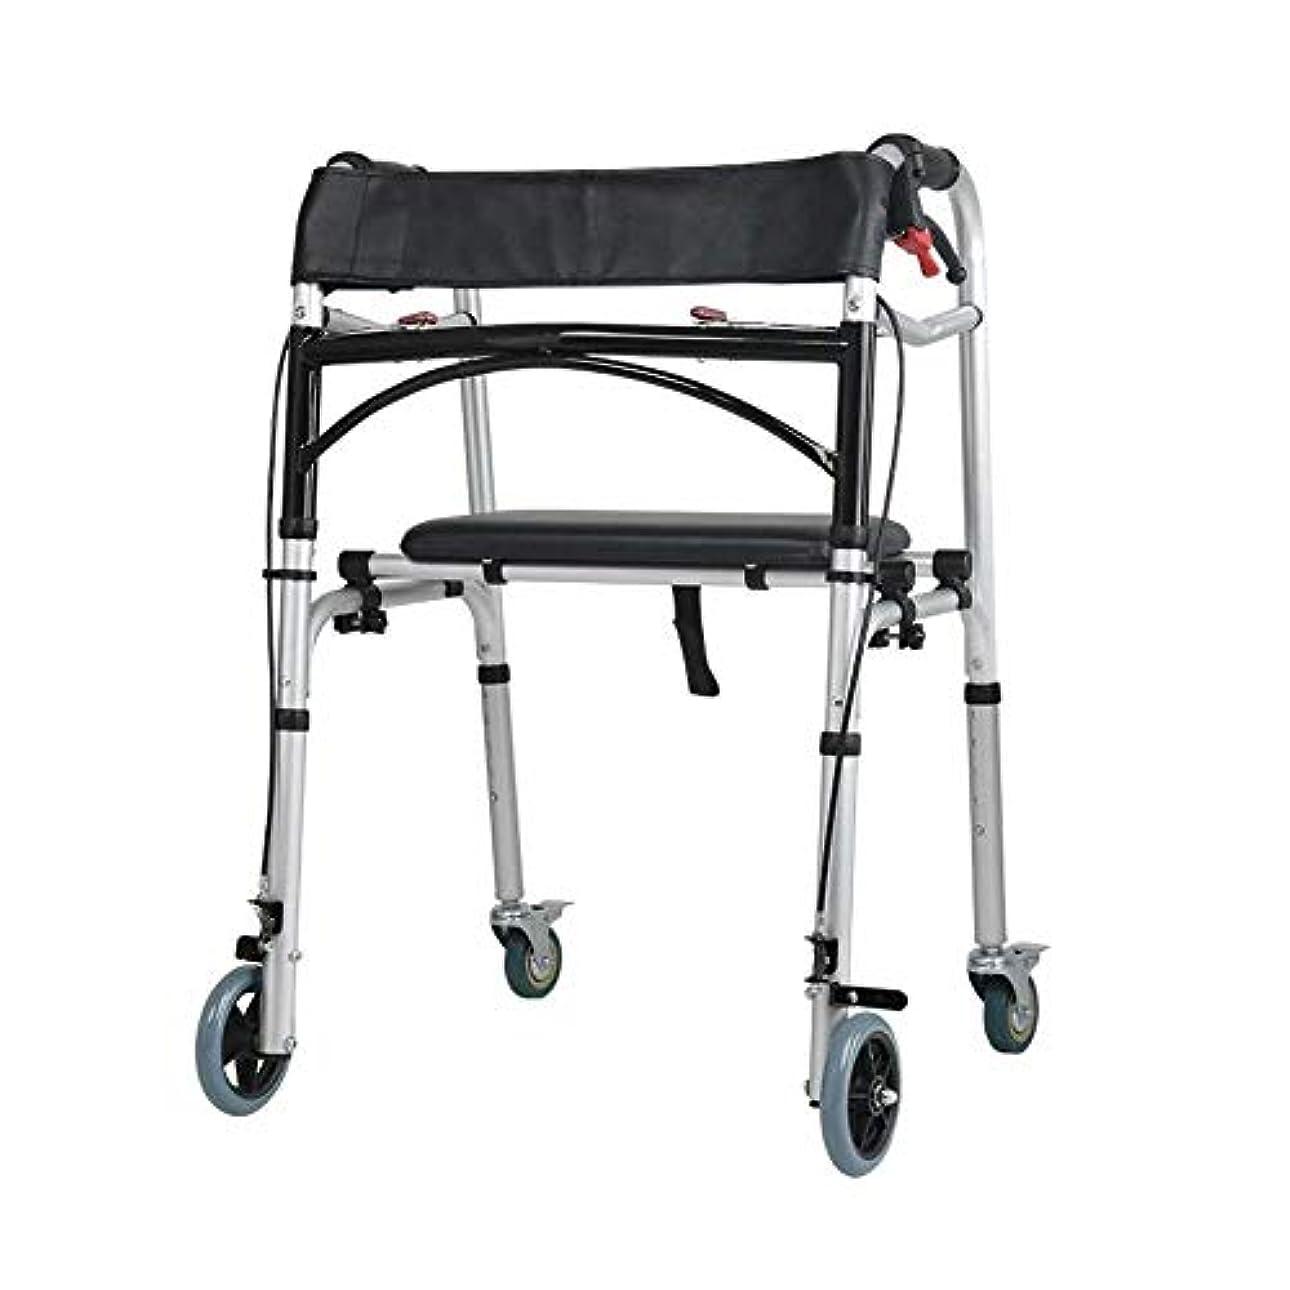 維持する柔和お金ゴムキャリングハンドルとフリップシート、多機能高齢者歩行杖4脚アンチスリップチェアスツール付き2輪ウォーキングフレーム (Color : 黒)